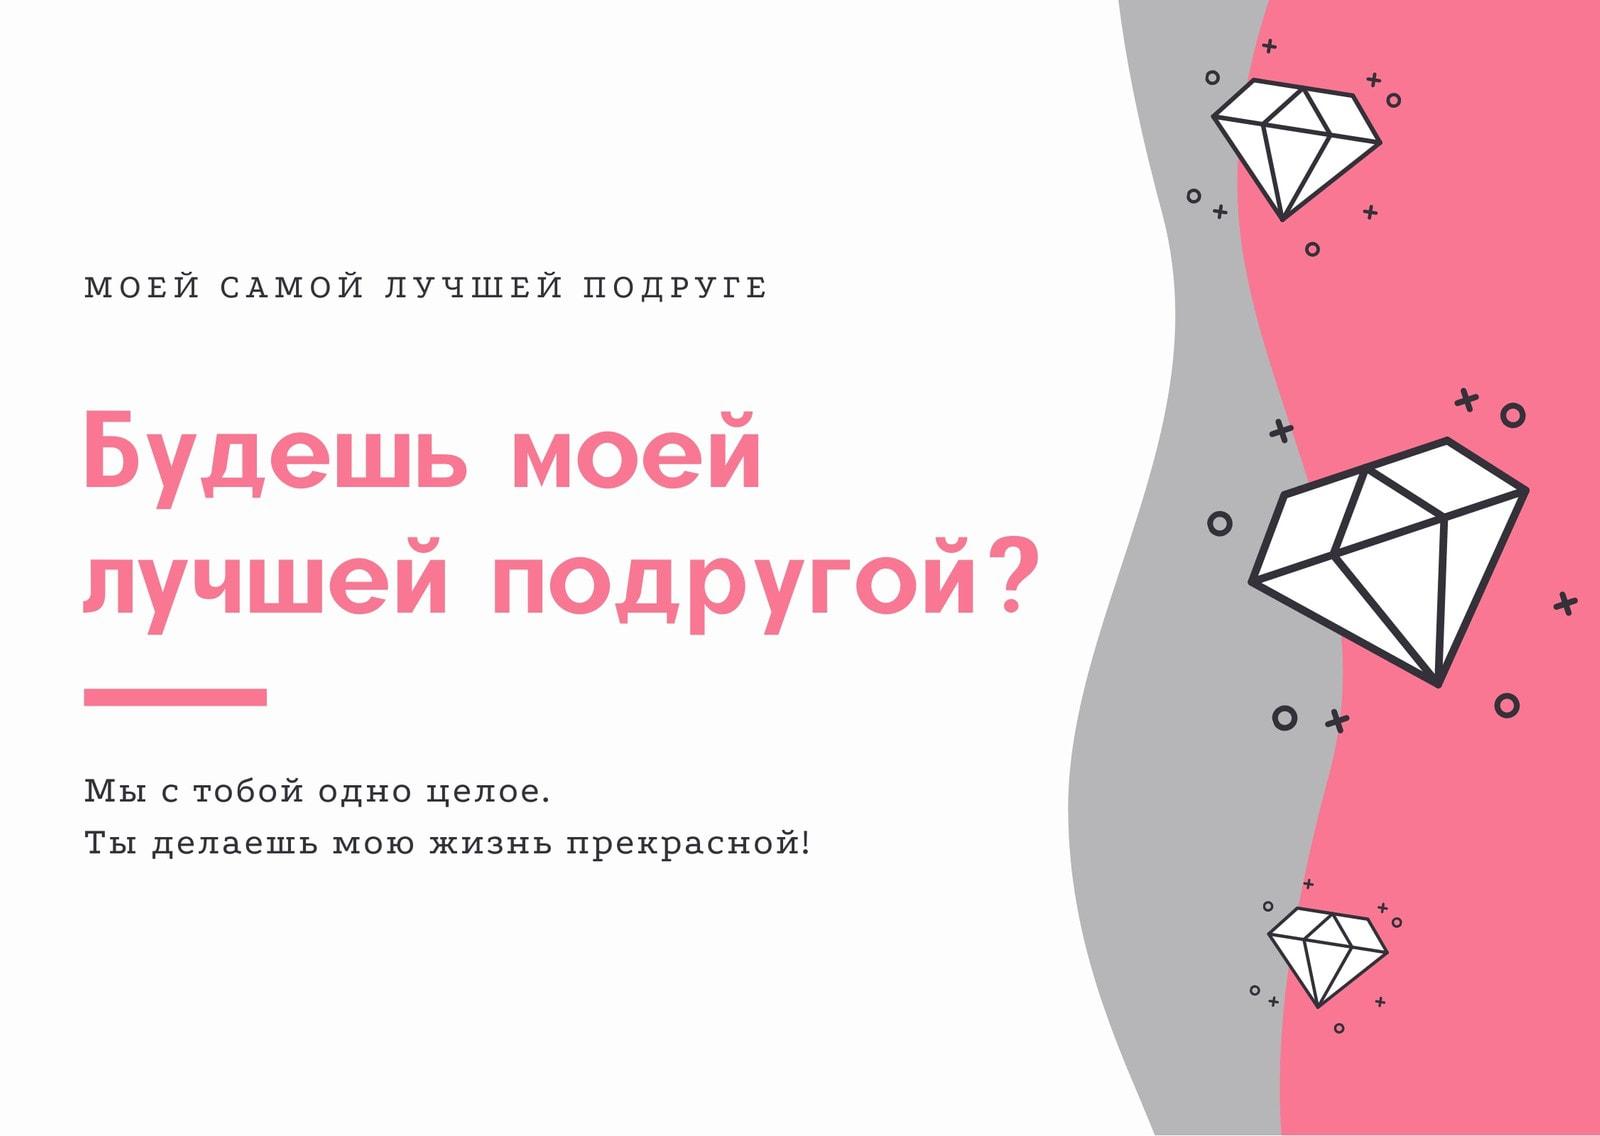 Розовый и Белый Милый Бриллианты День Подруг Открытка